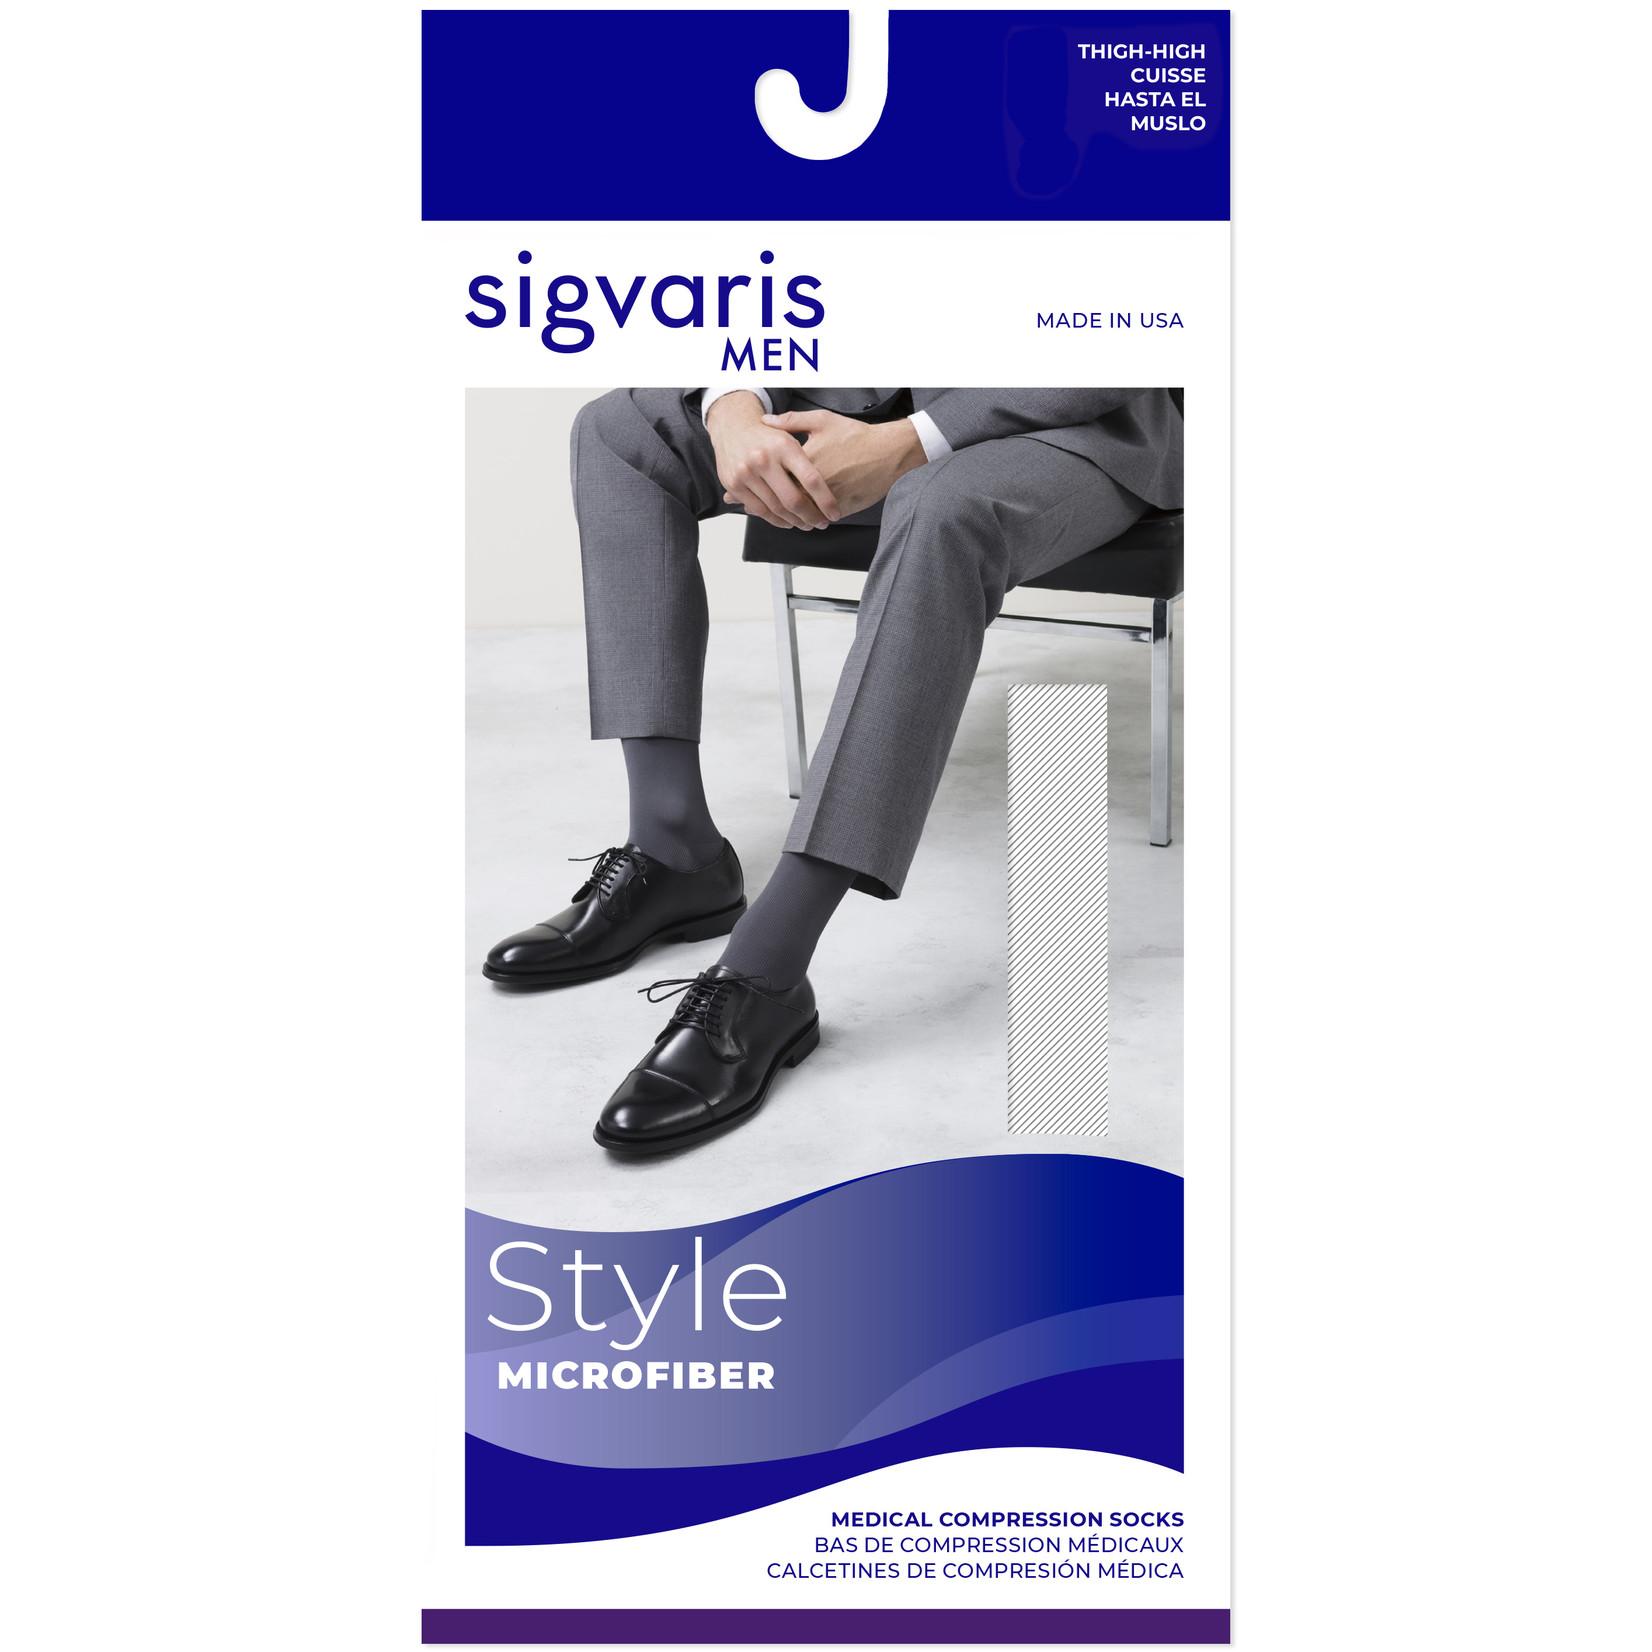 SIGVARIS Men's Midtown Microfiber Thigh-High